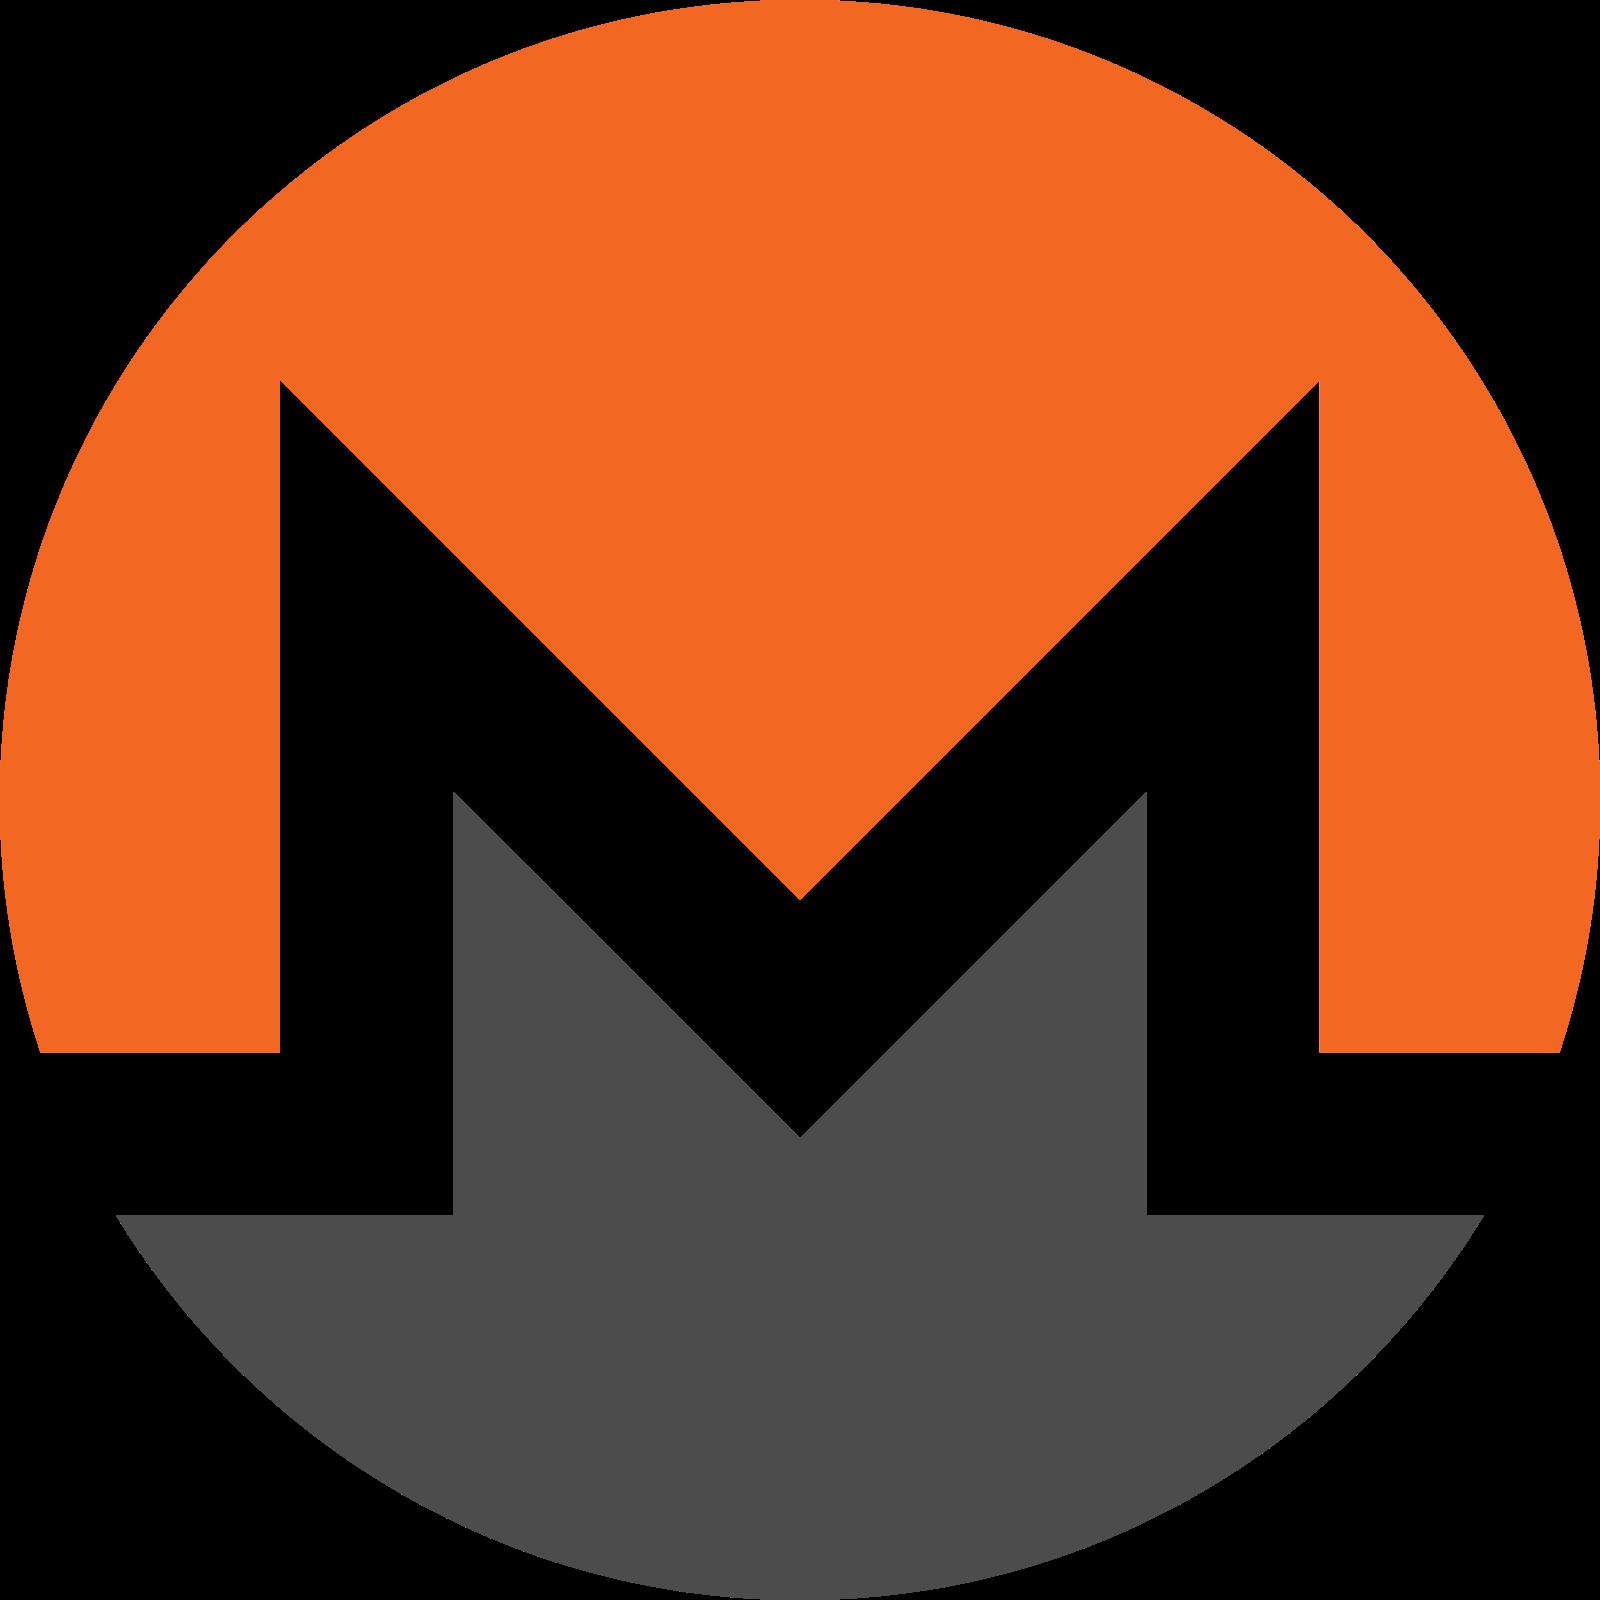 monero logo 5 - Monero Logo